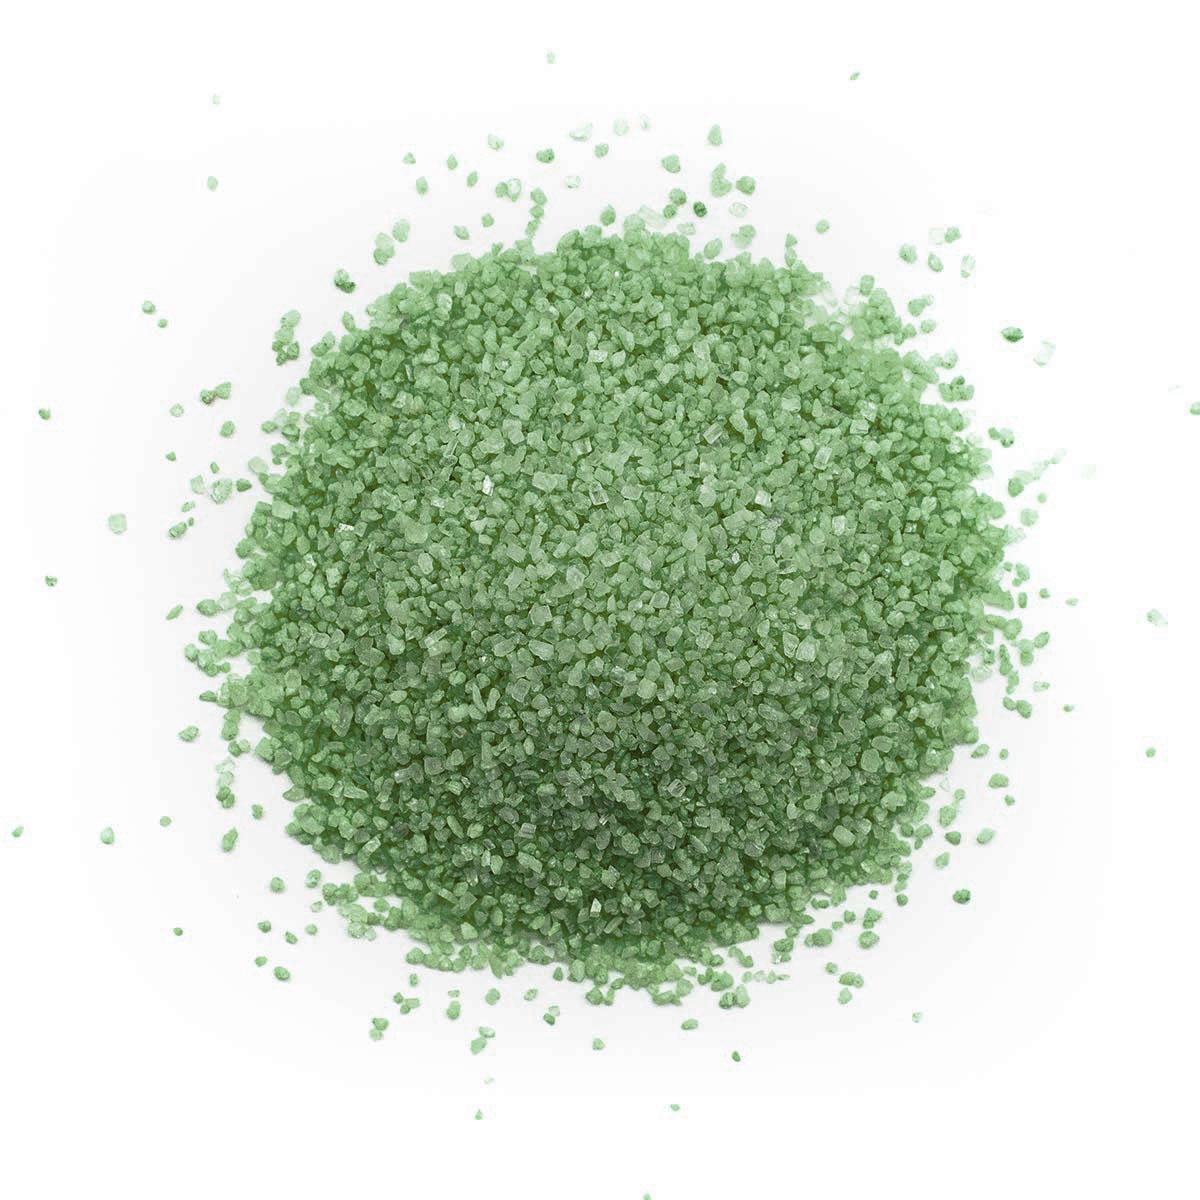 Песок для декор. работ (500гр.) (121 зеленый) фото